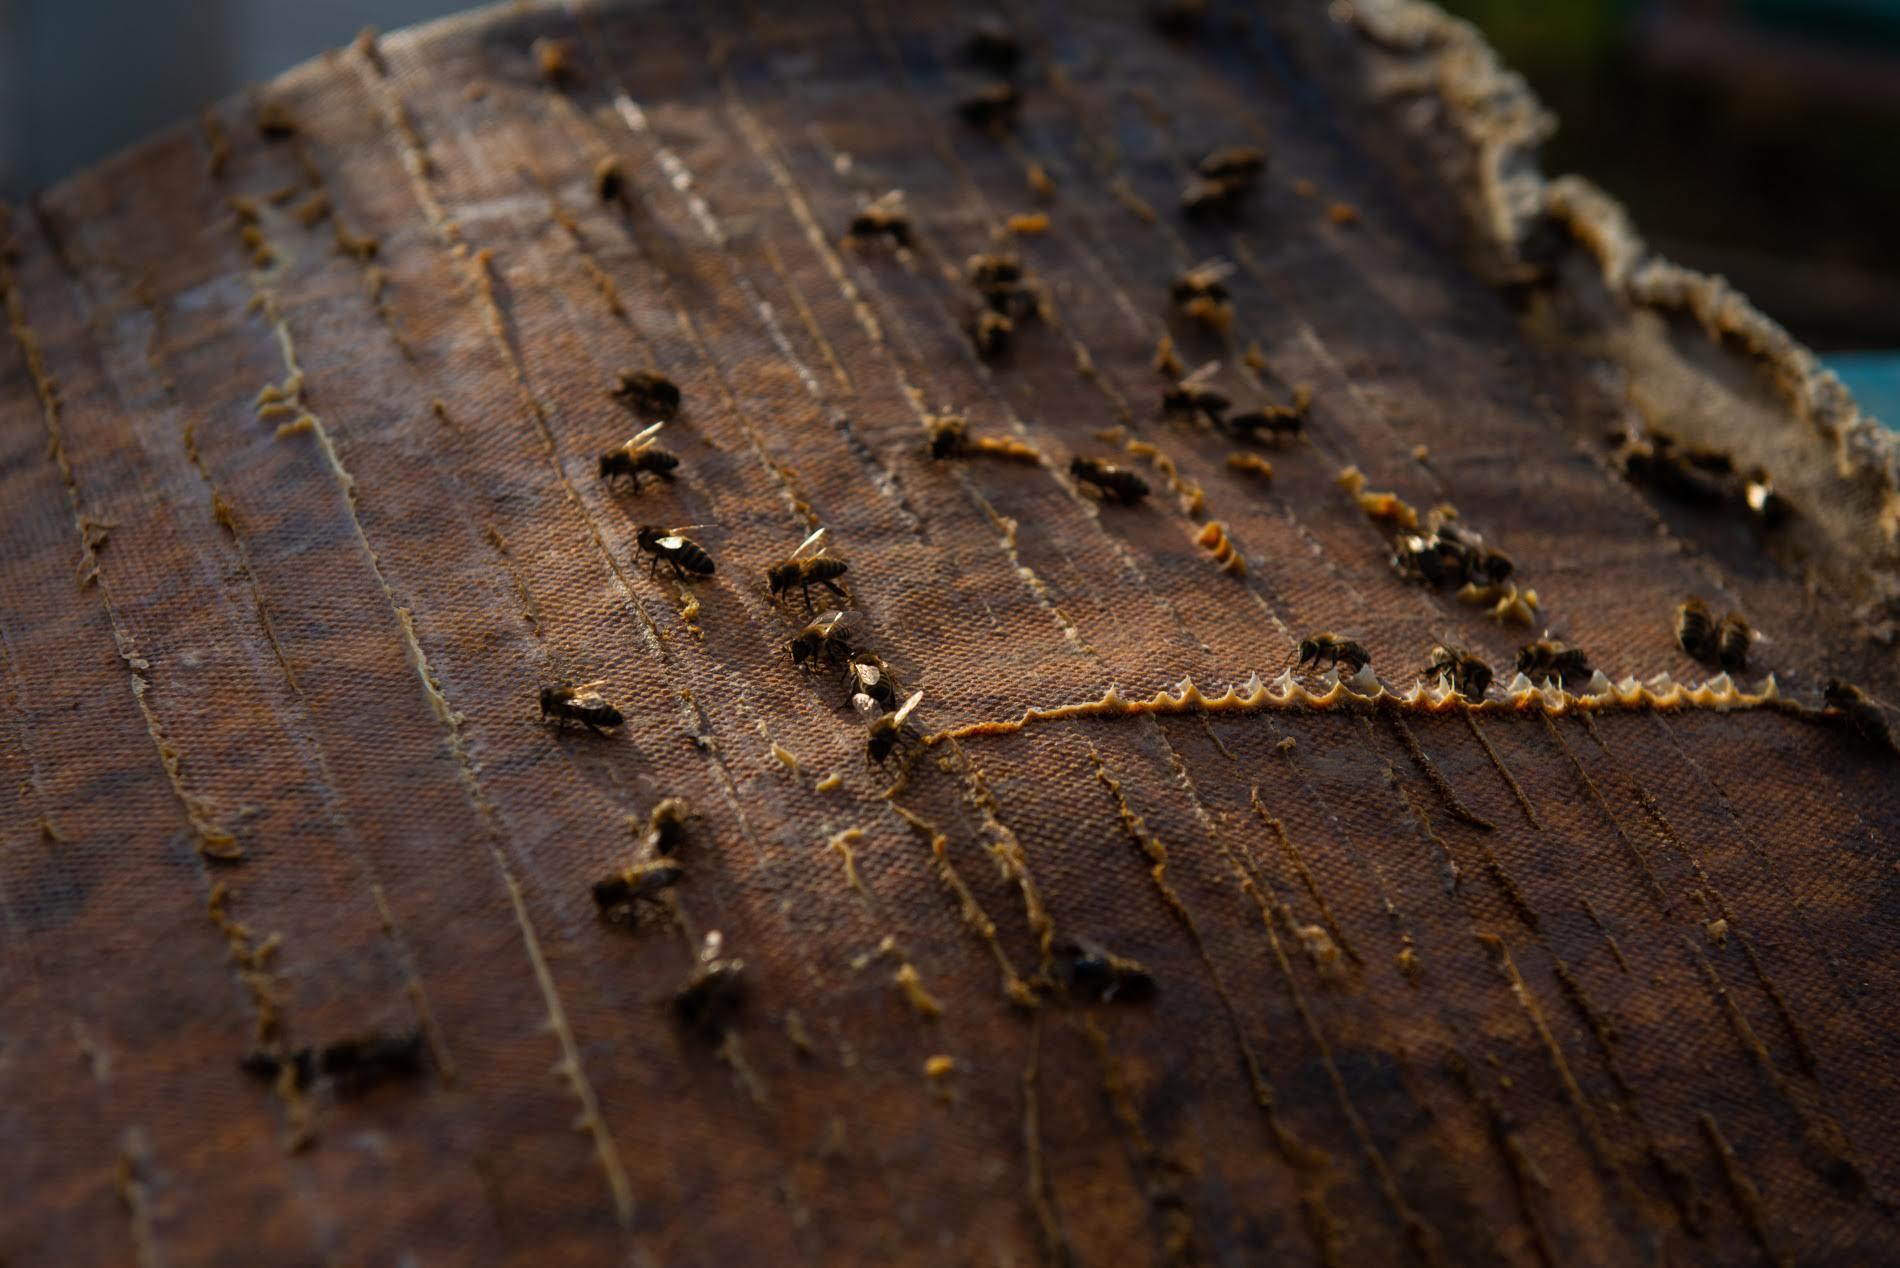 Лали рассказывает, что зимой пчёлам в основном нужна энергия для поддержания тепла в улье. Но когда зима теплая, пчелы выходят раньше, тратят больше энергии и расходуют накопленный мёд. Из-за этого Лали приходится давать им дополнительное питание. Фото: Тамуна Чкареули / OC Media